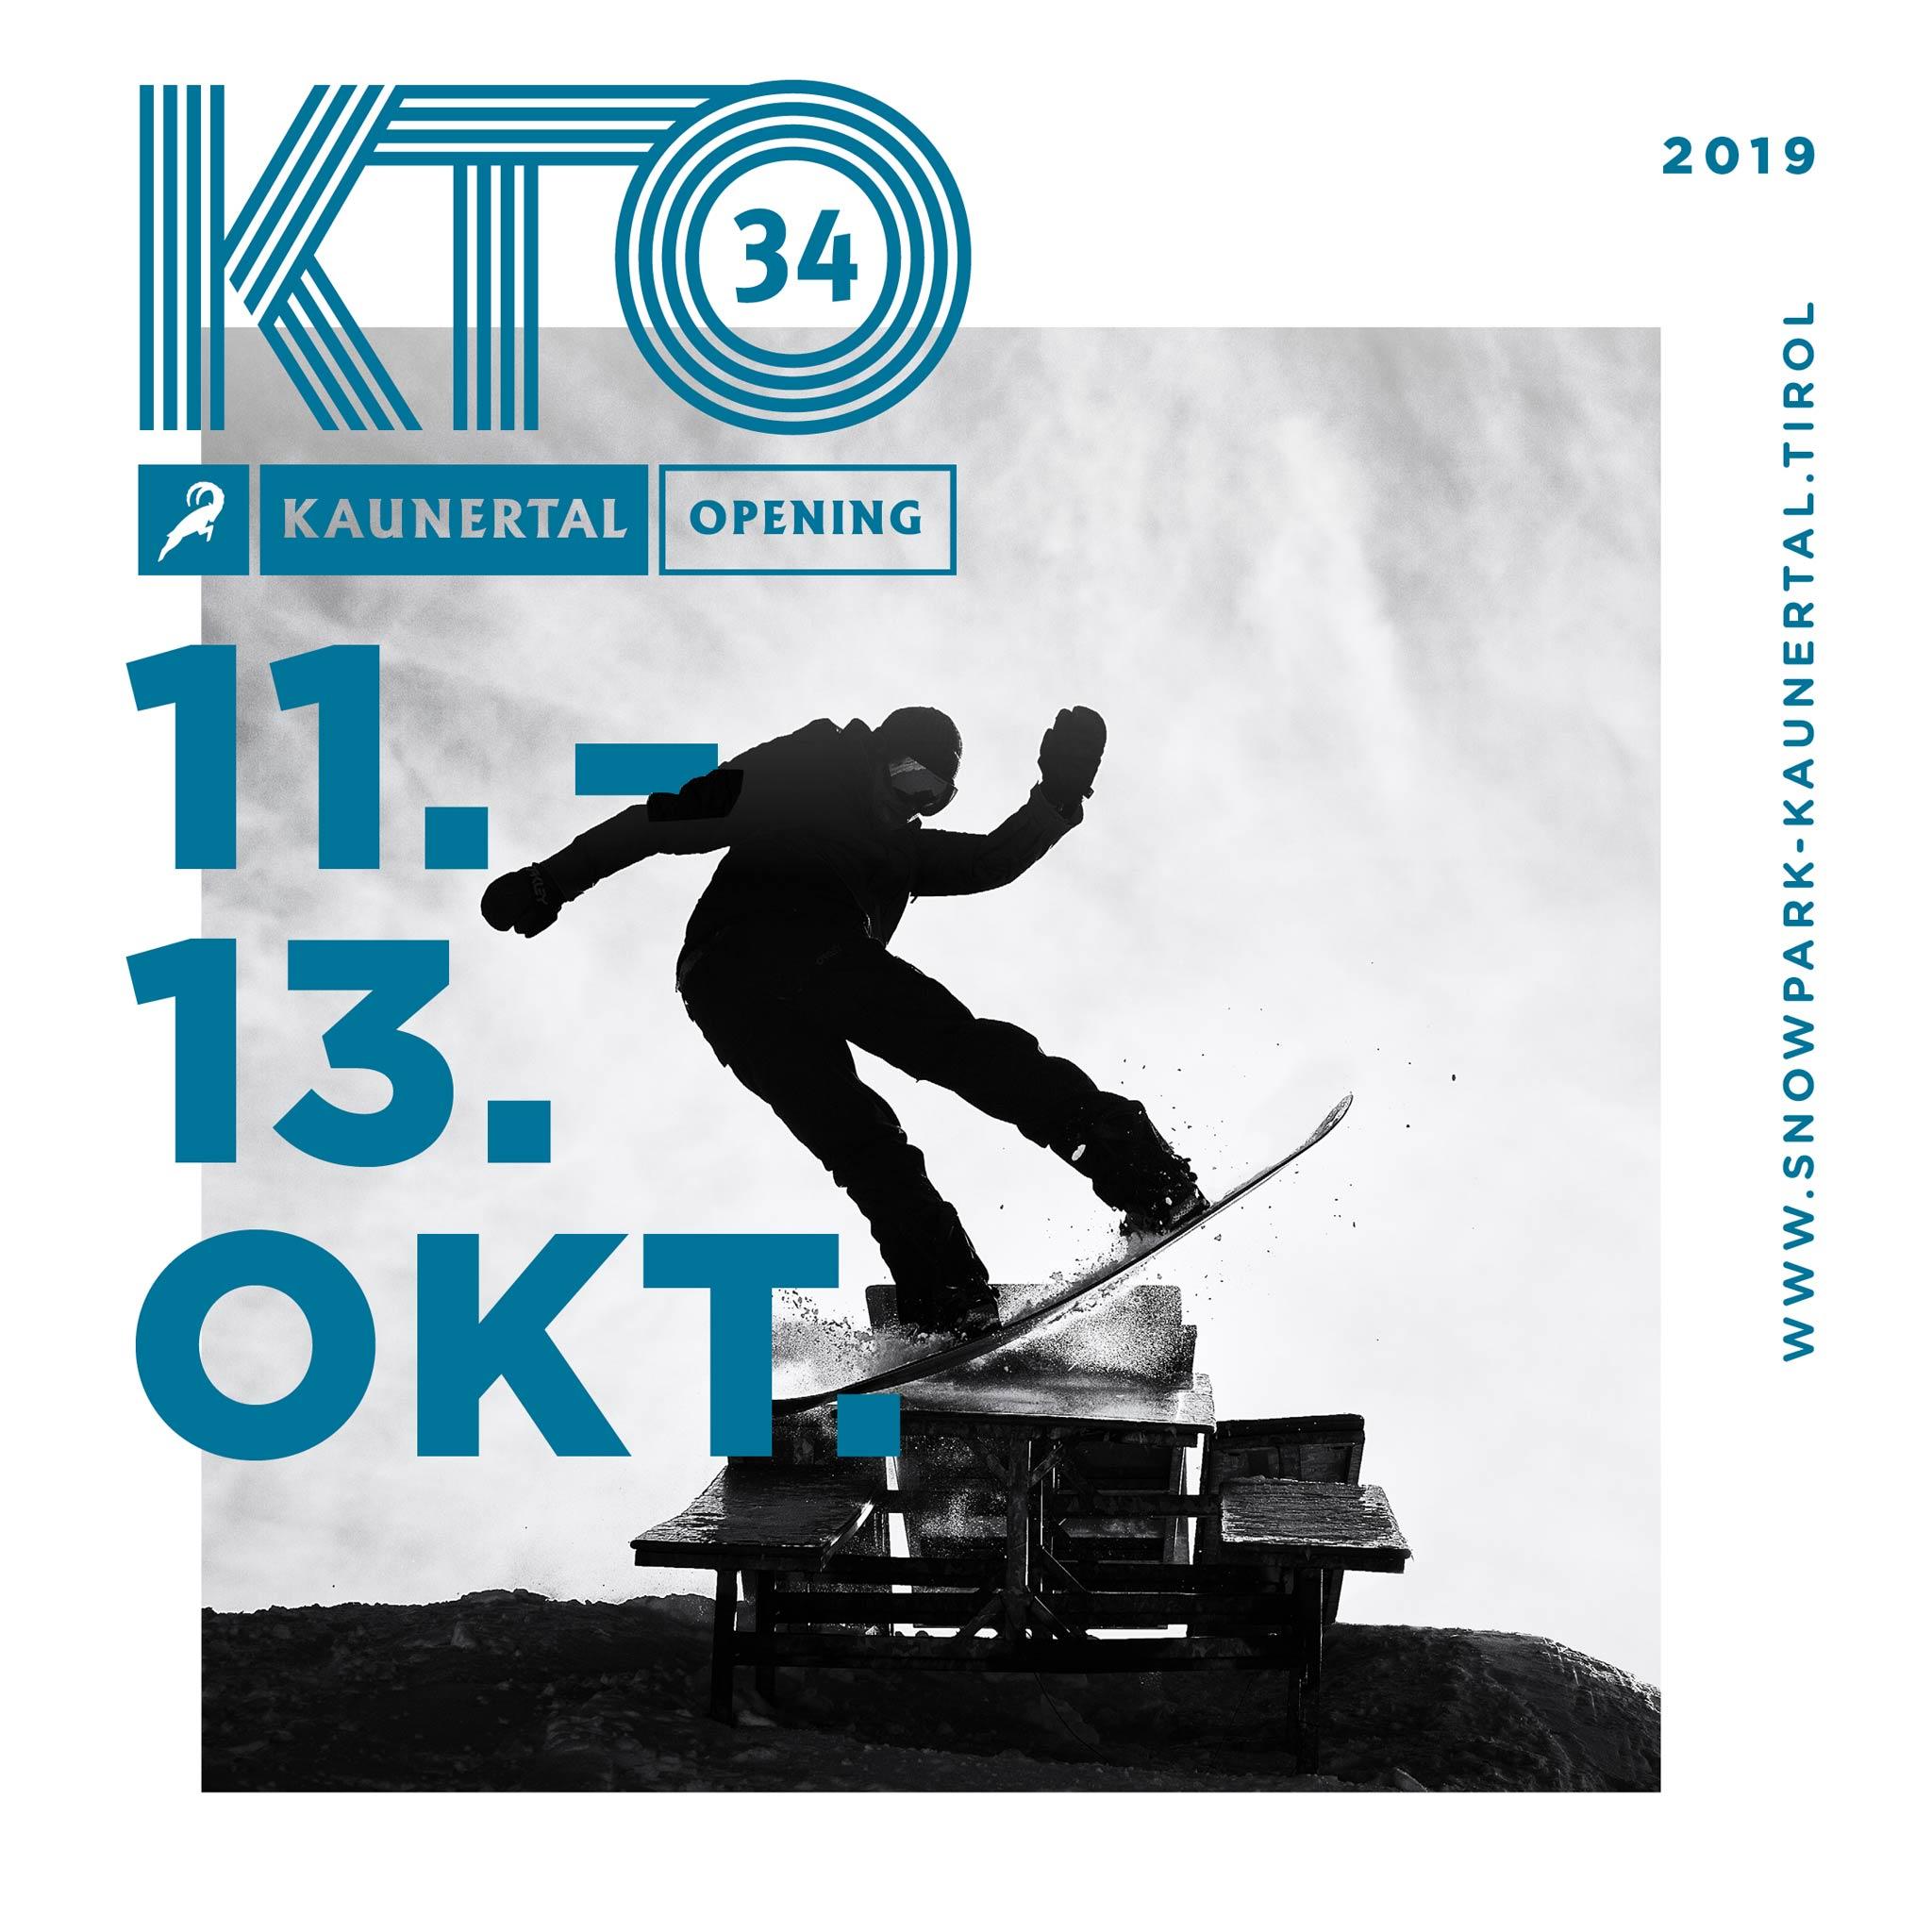 Kaunertal Opening 2019